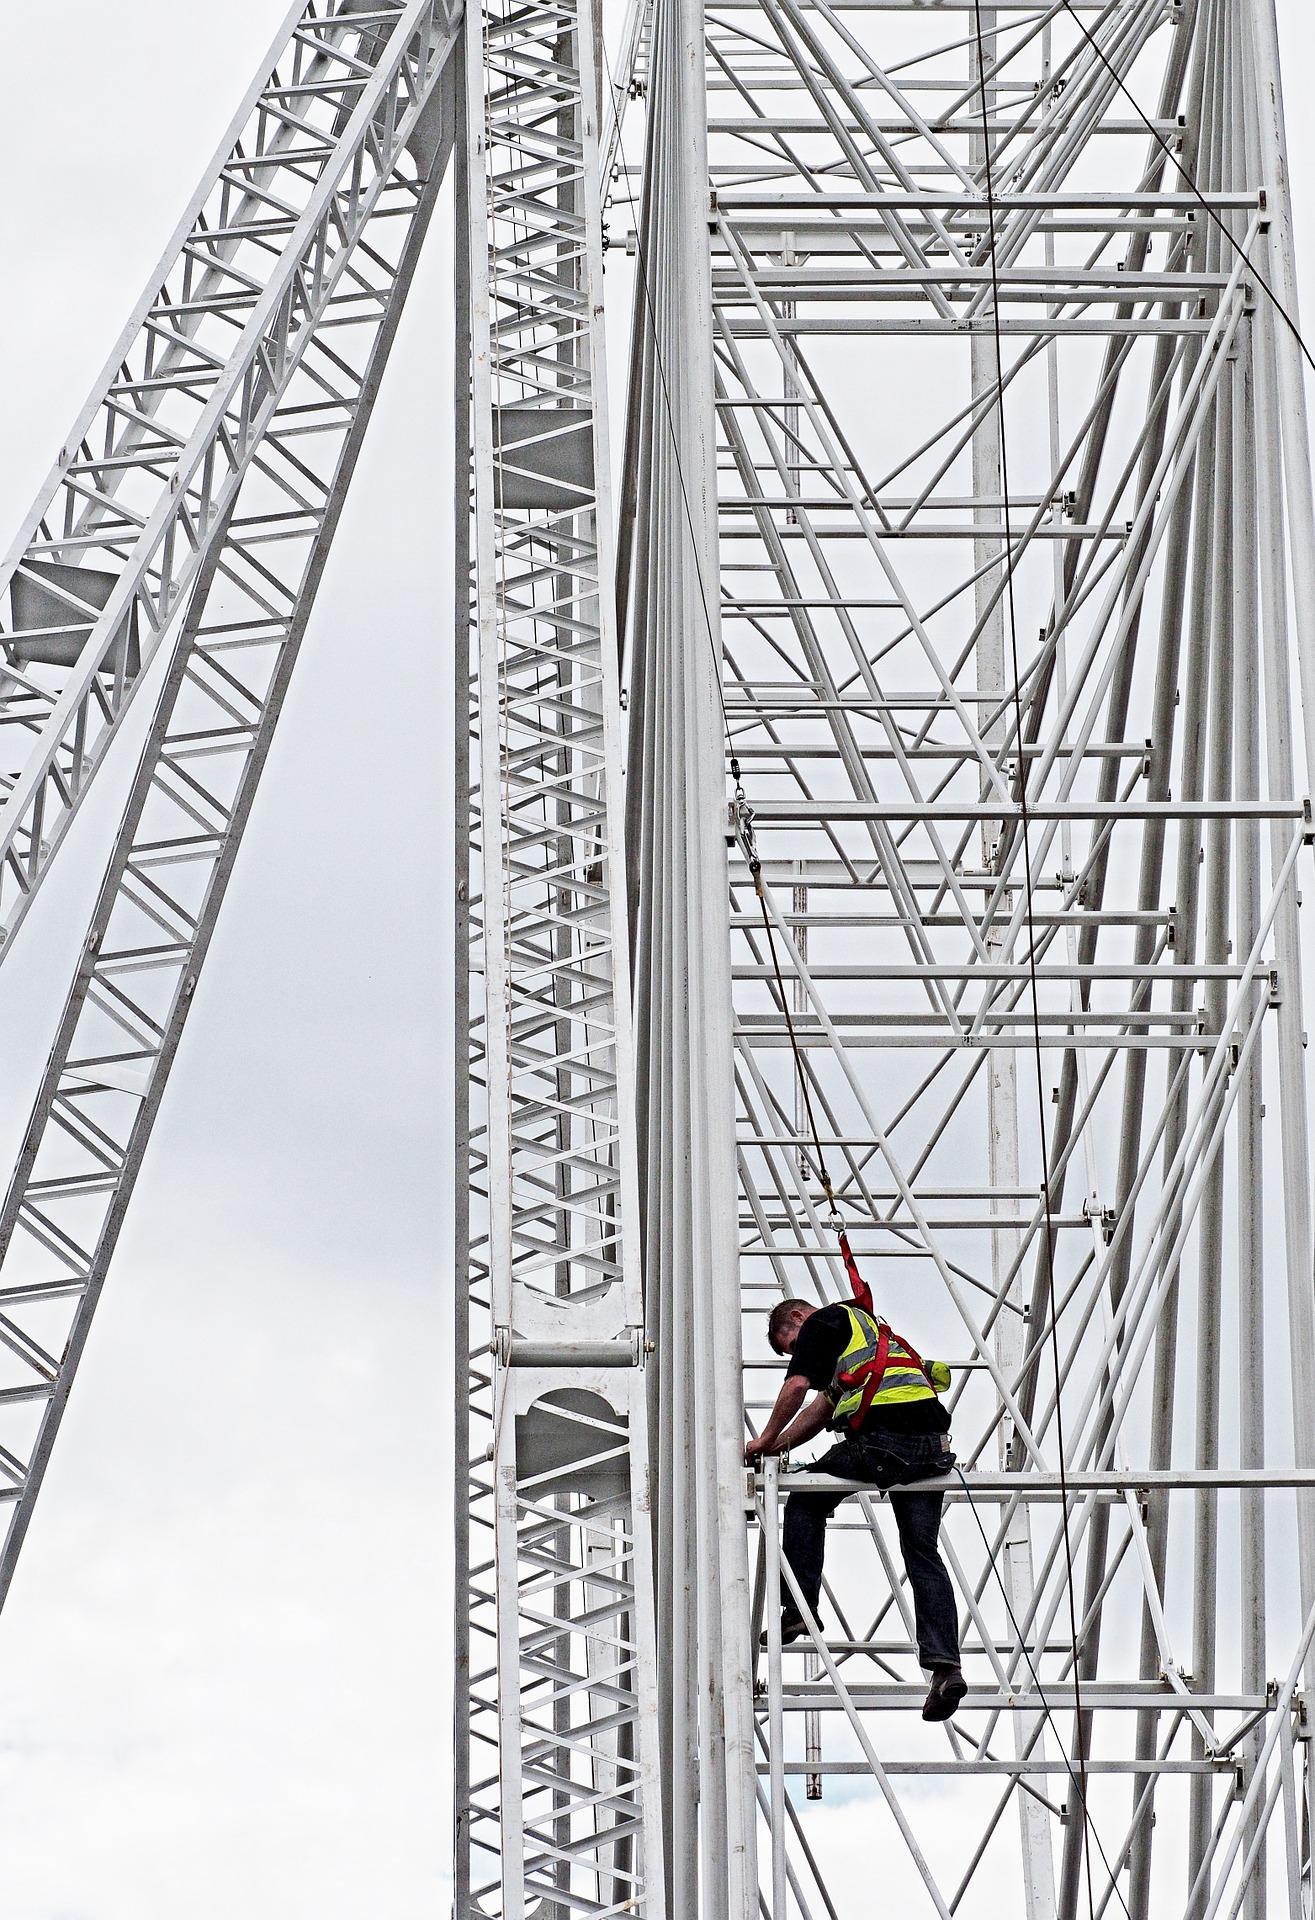 Правила по охране труда при работе на высоте. Работники 2 группы.